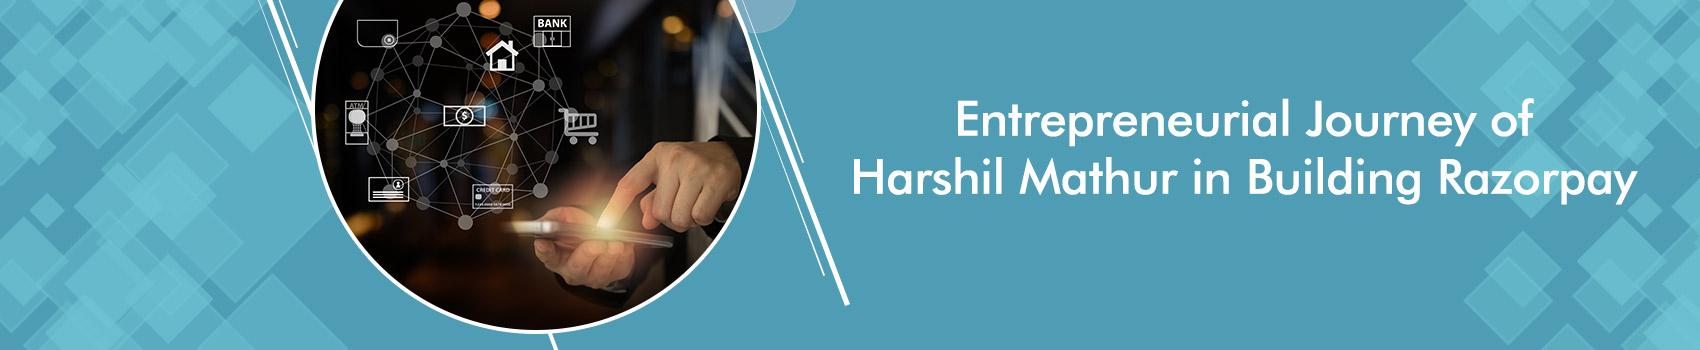 Entrepreneurial Journey of Harshil Mathur in building Razorpay